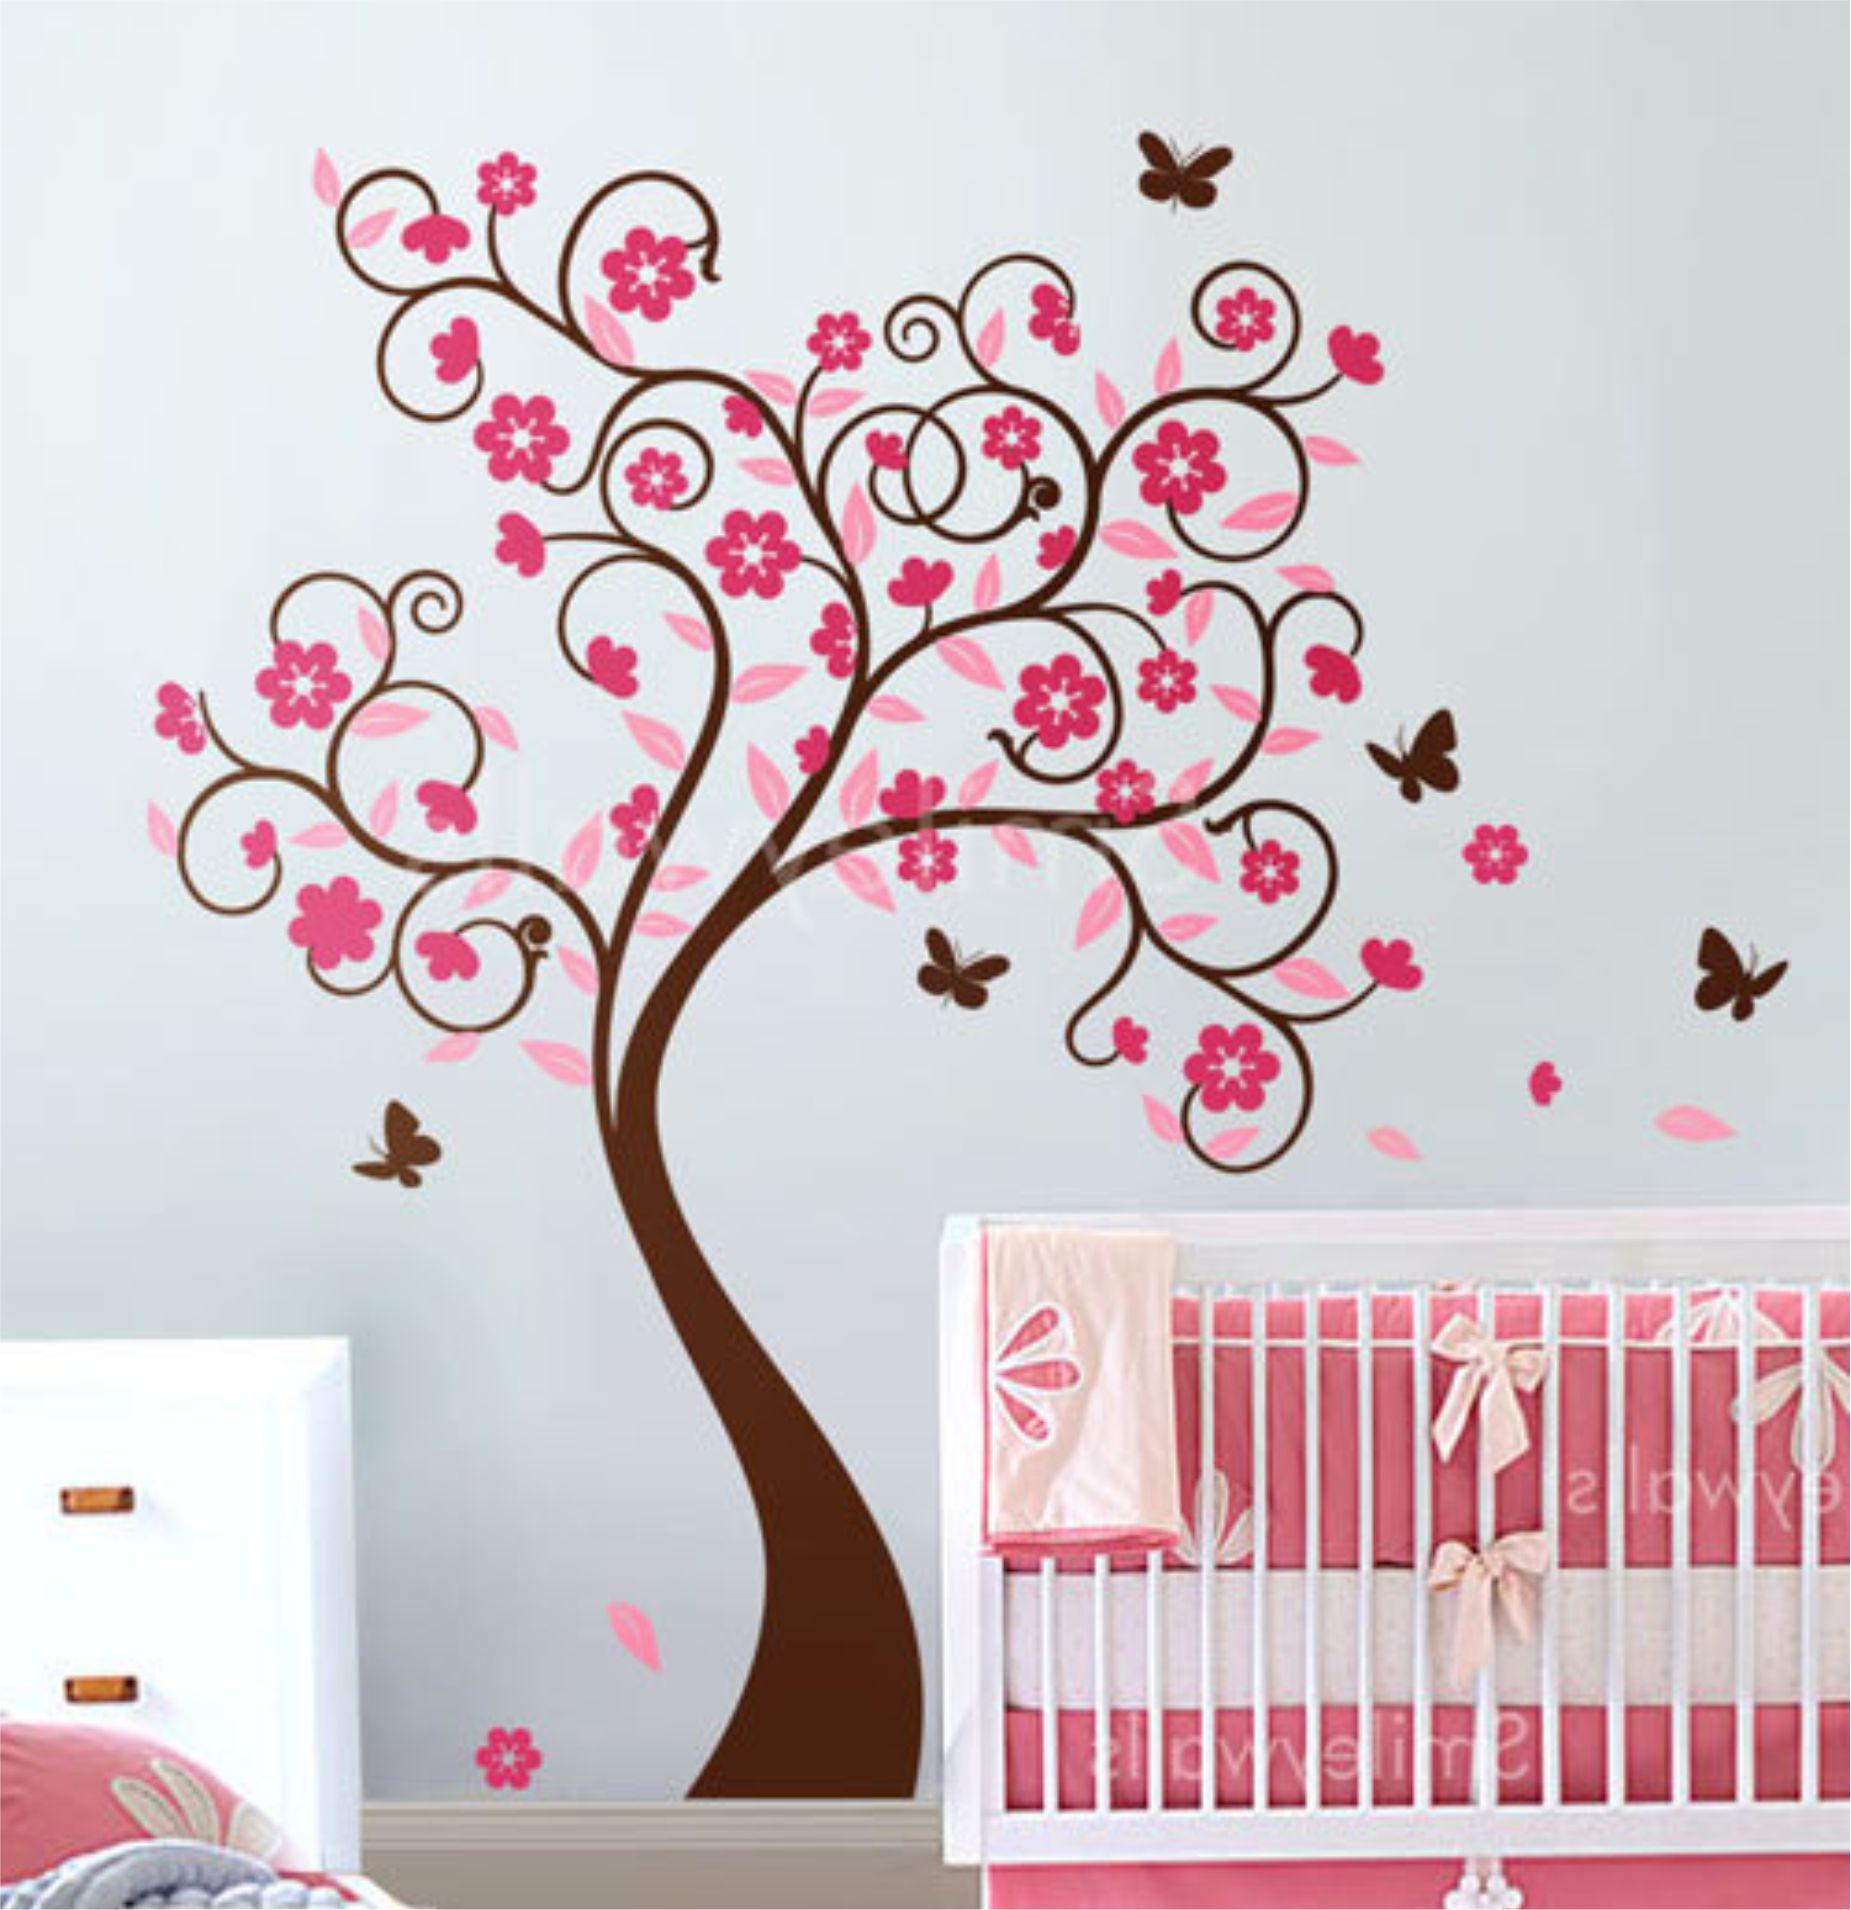 Adesivos Decorativos de Parede de Árvores para Sala e  ~ Adesivos De Parede Para Quarto Galhos